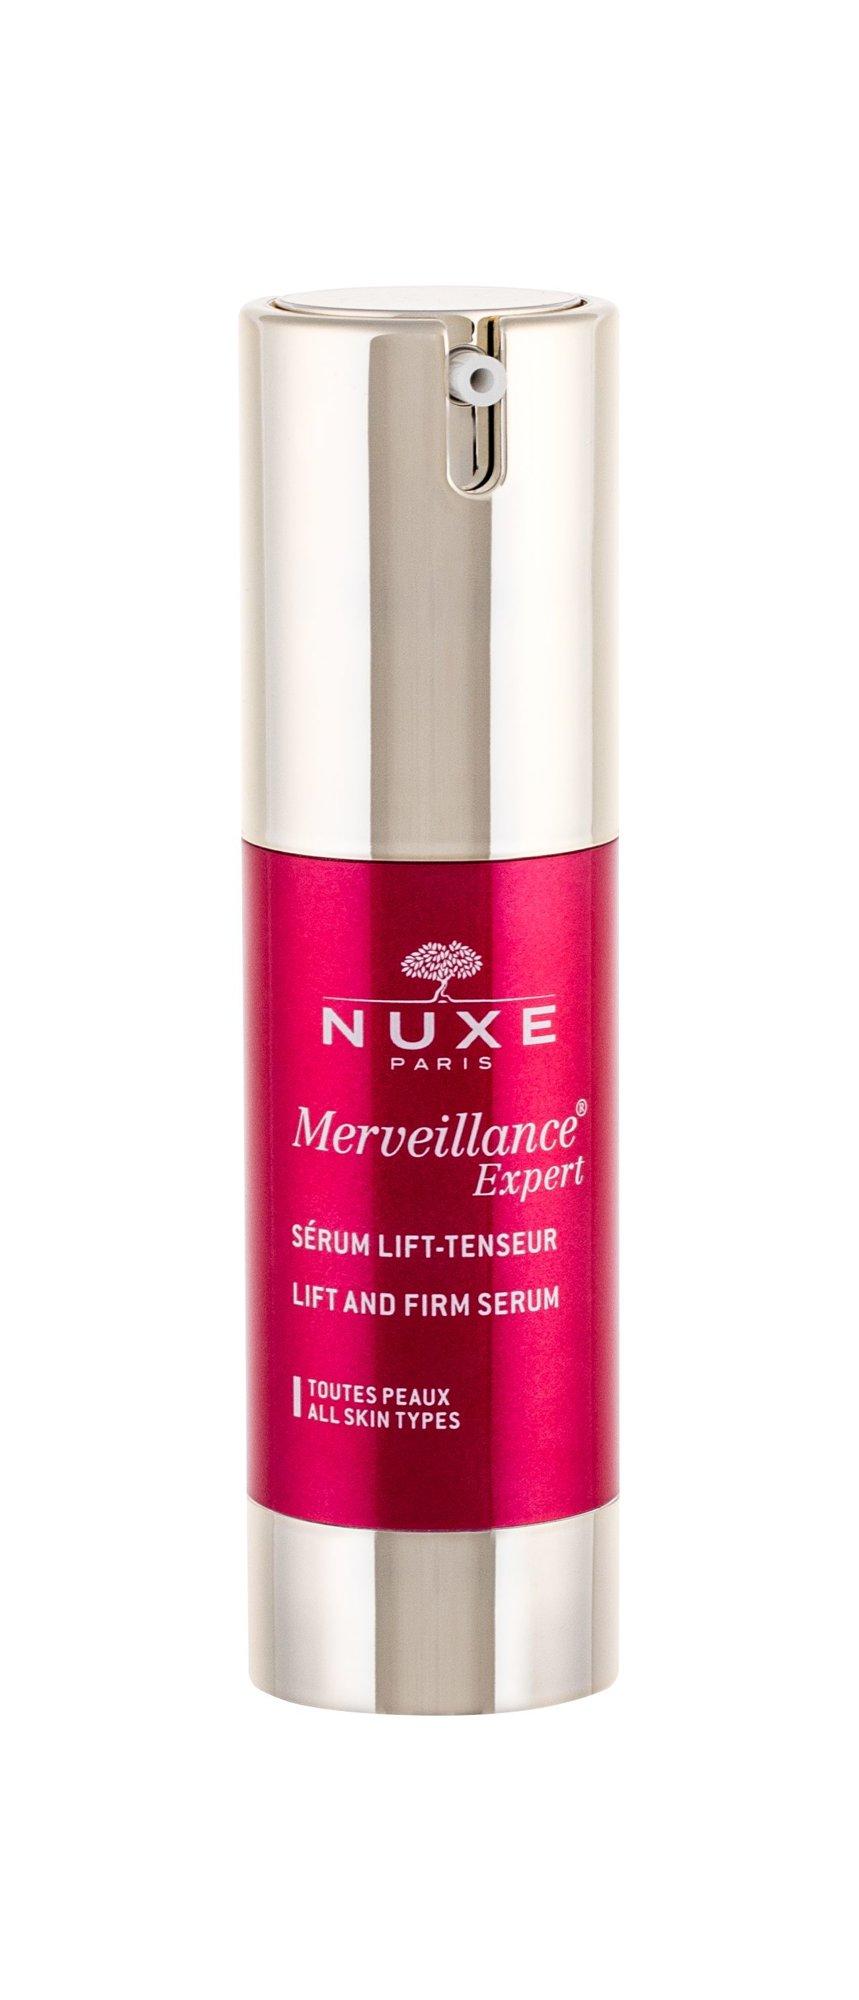 NUXE Merveillance Expert Skin Serum 30ml